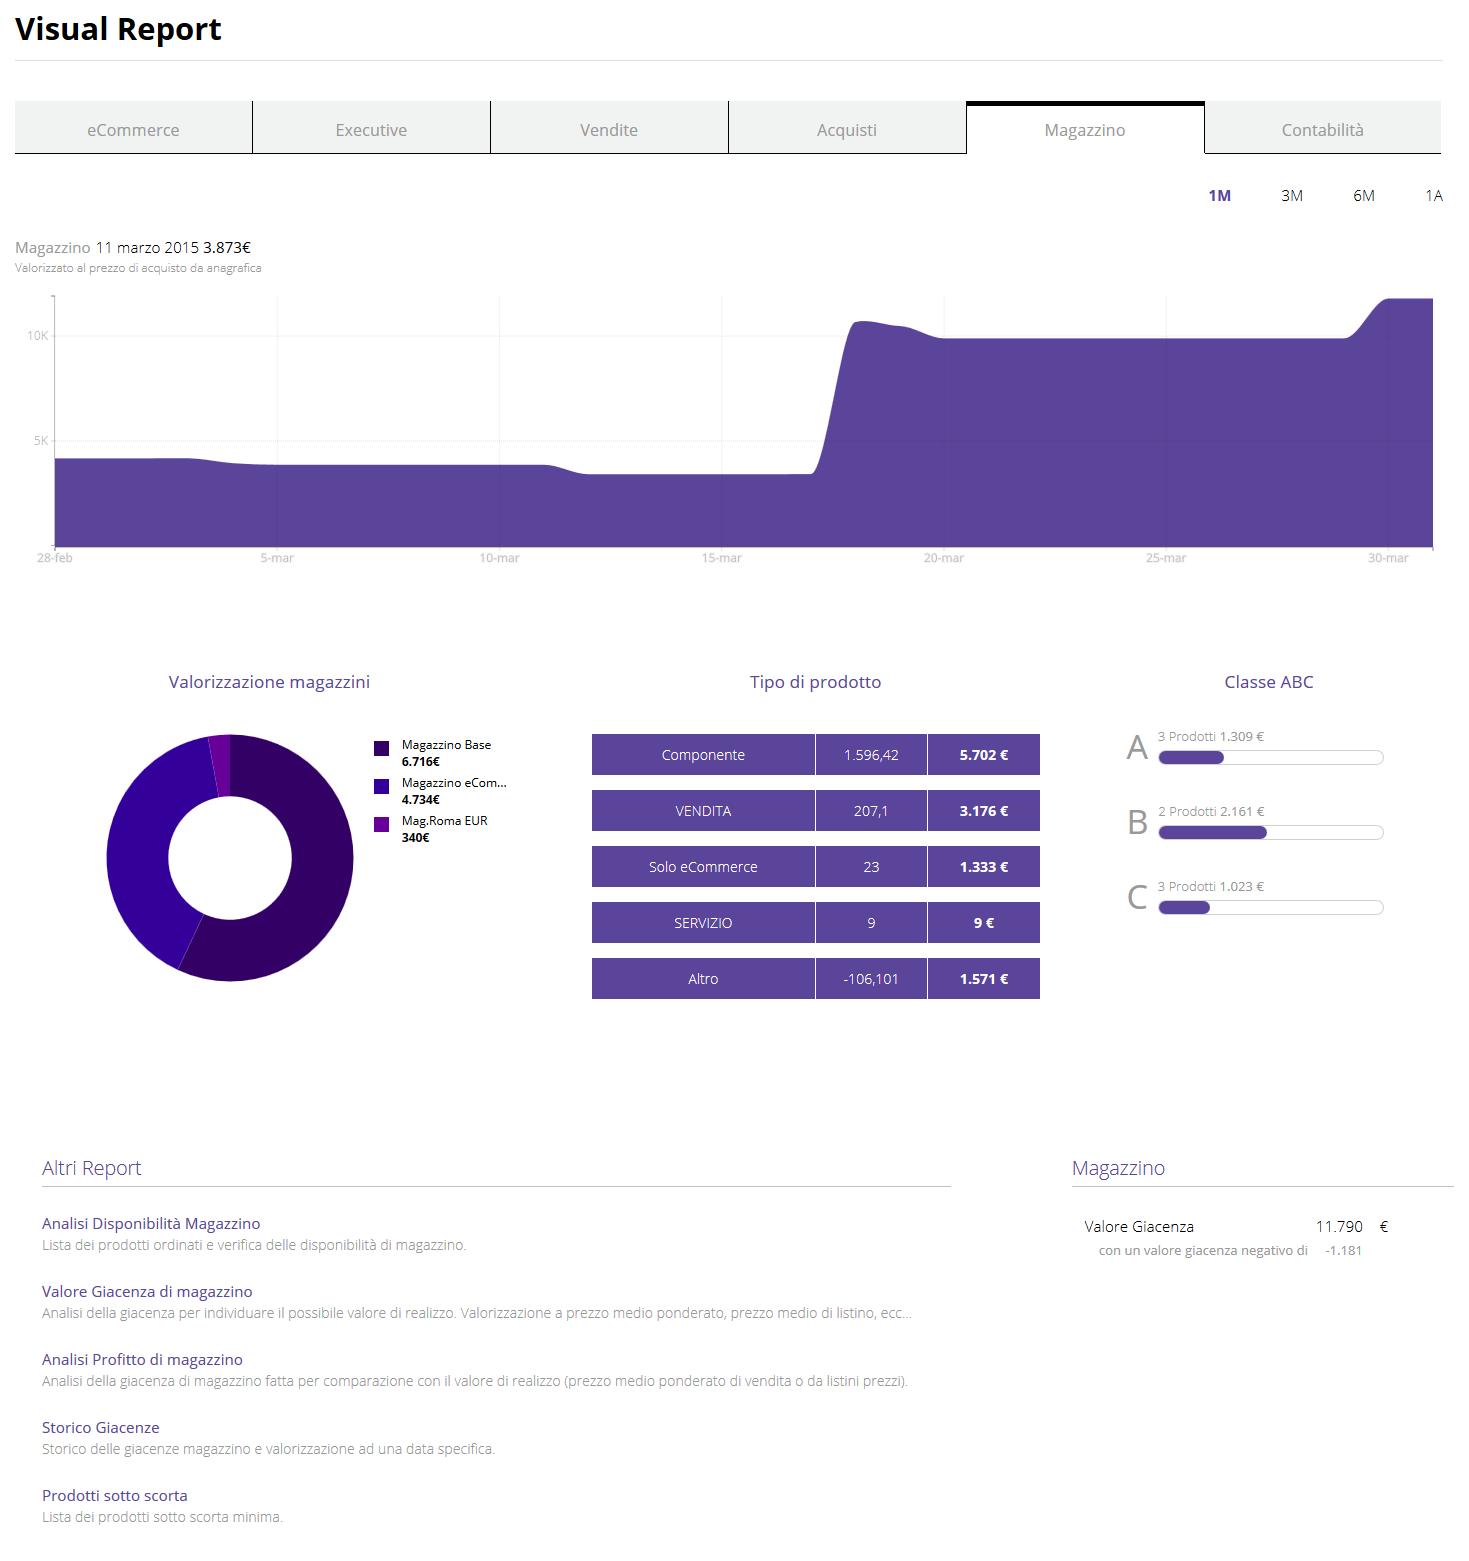 Visual Report - Magazzino